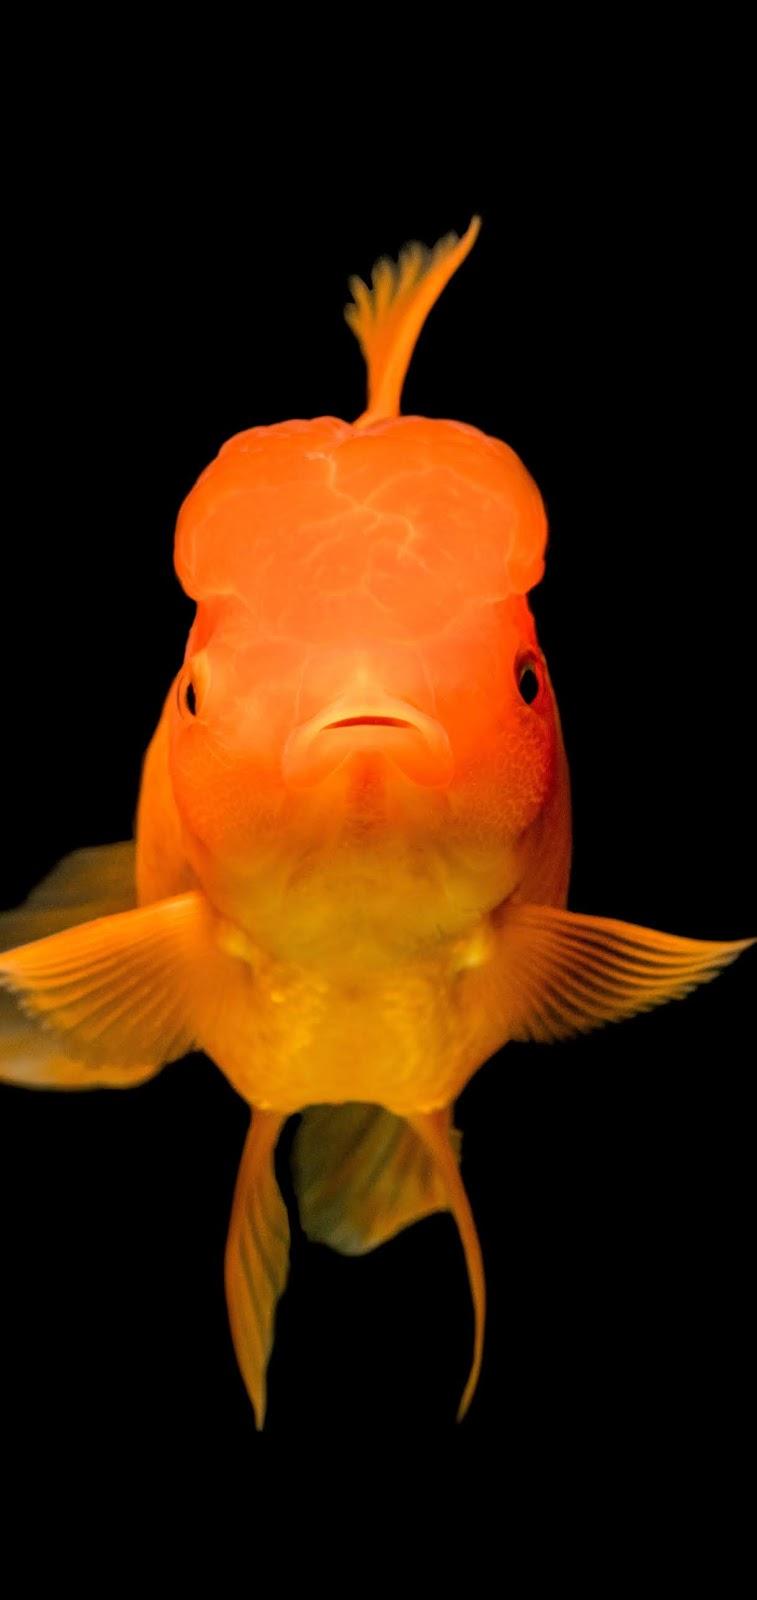 A goldfish up close.